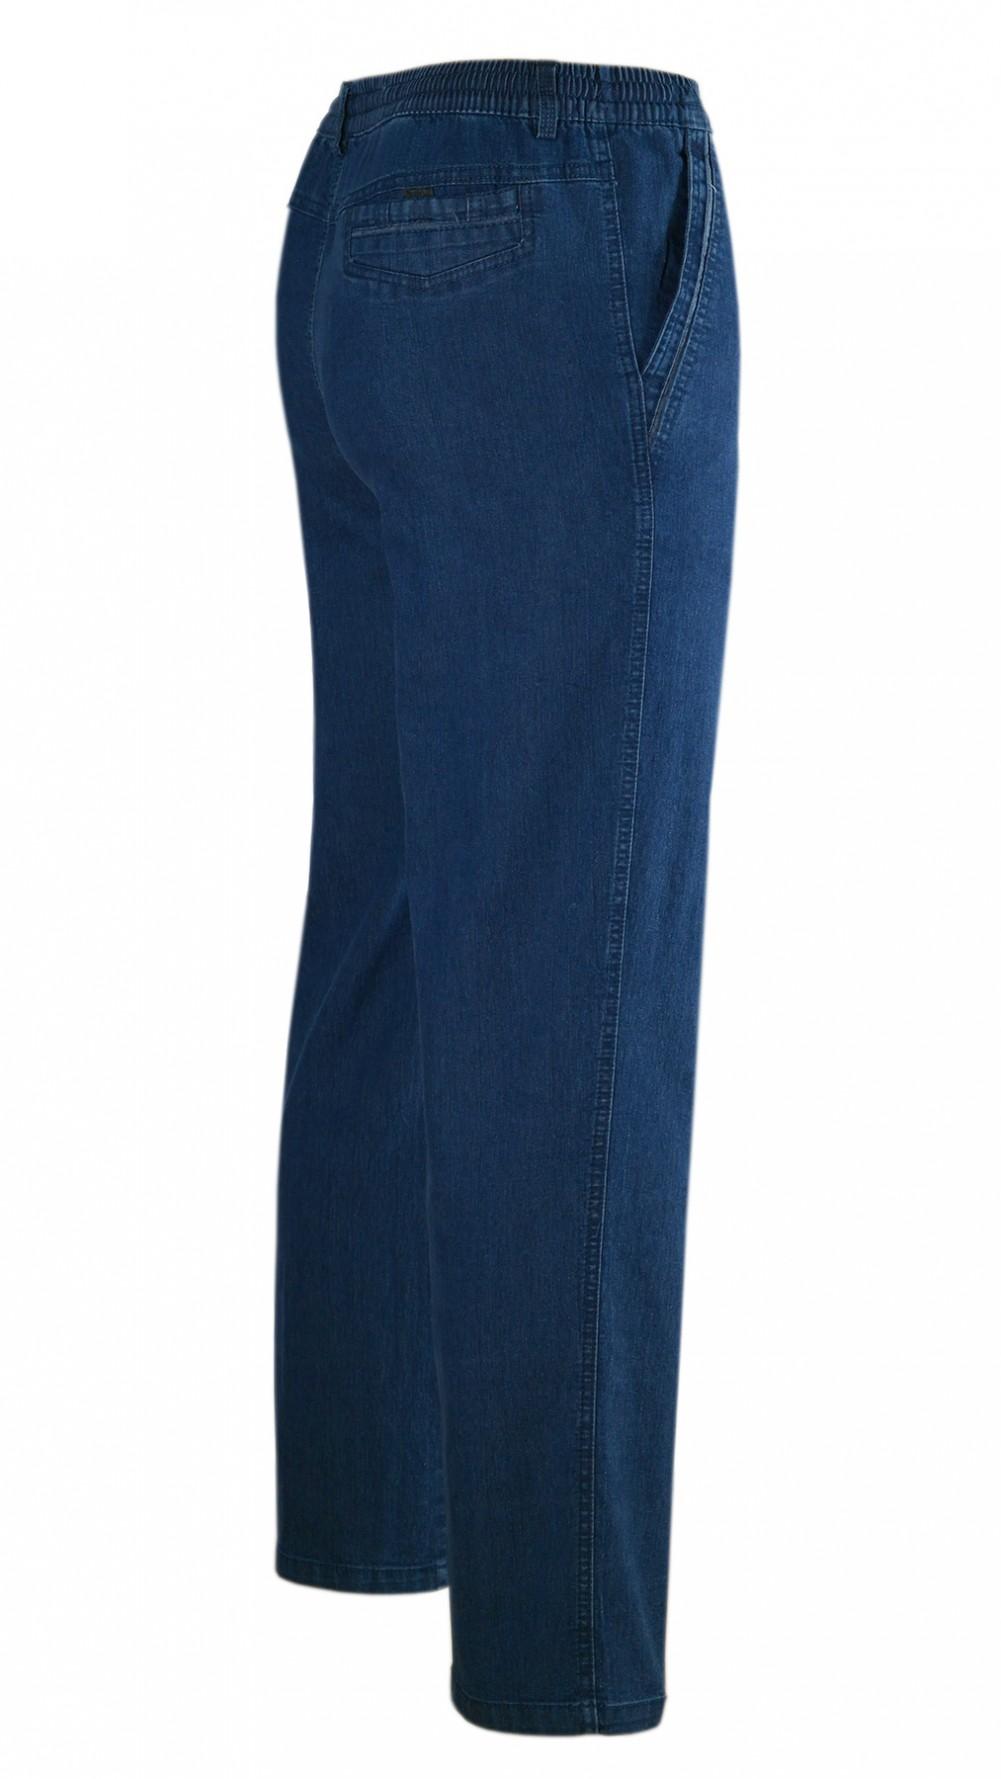 Stretch Jeans Schlupfhose ohne Cargotaschen Herbst-Kollektion - blue/Seitenansicht